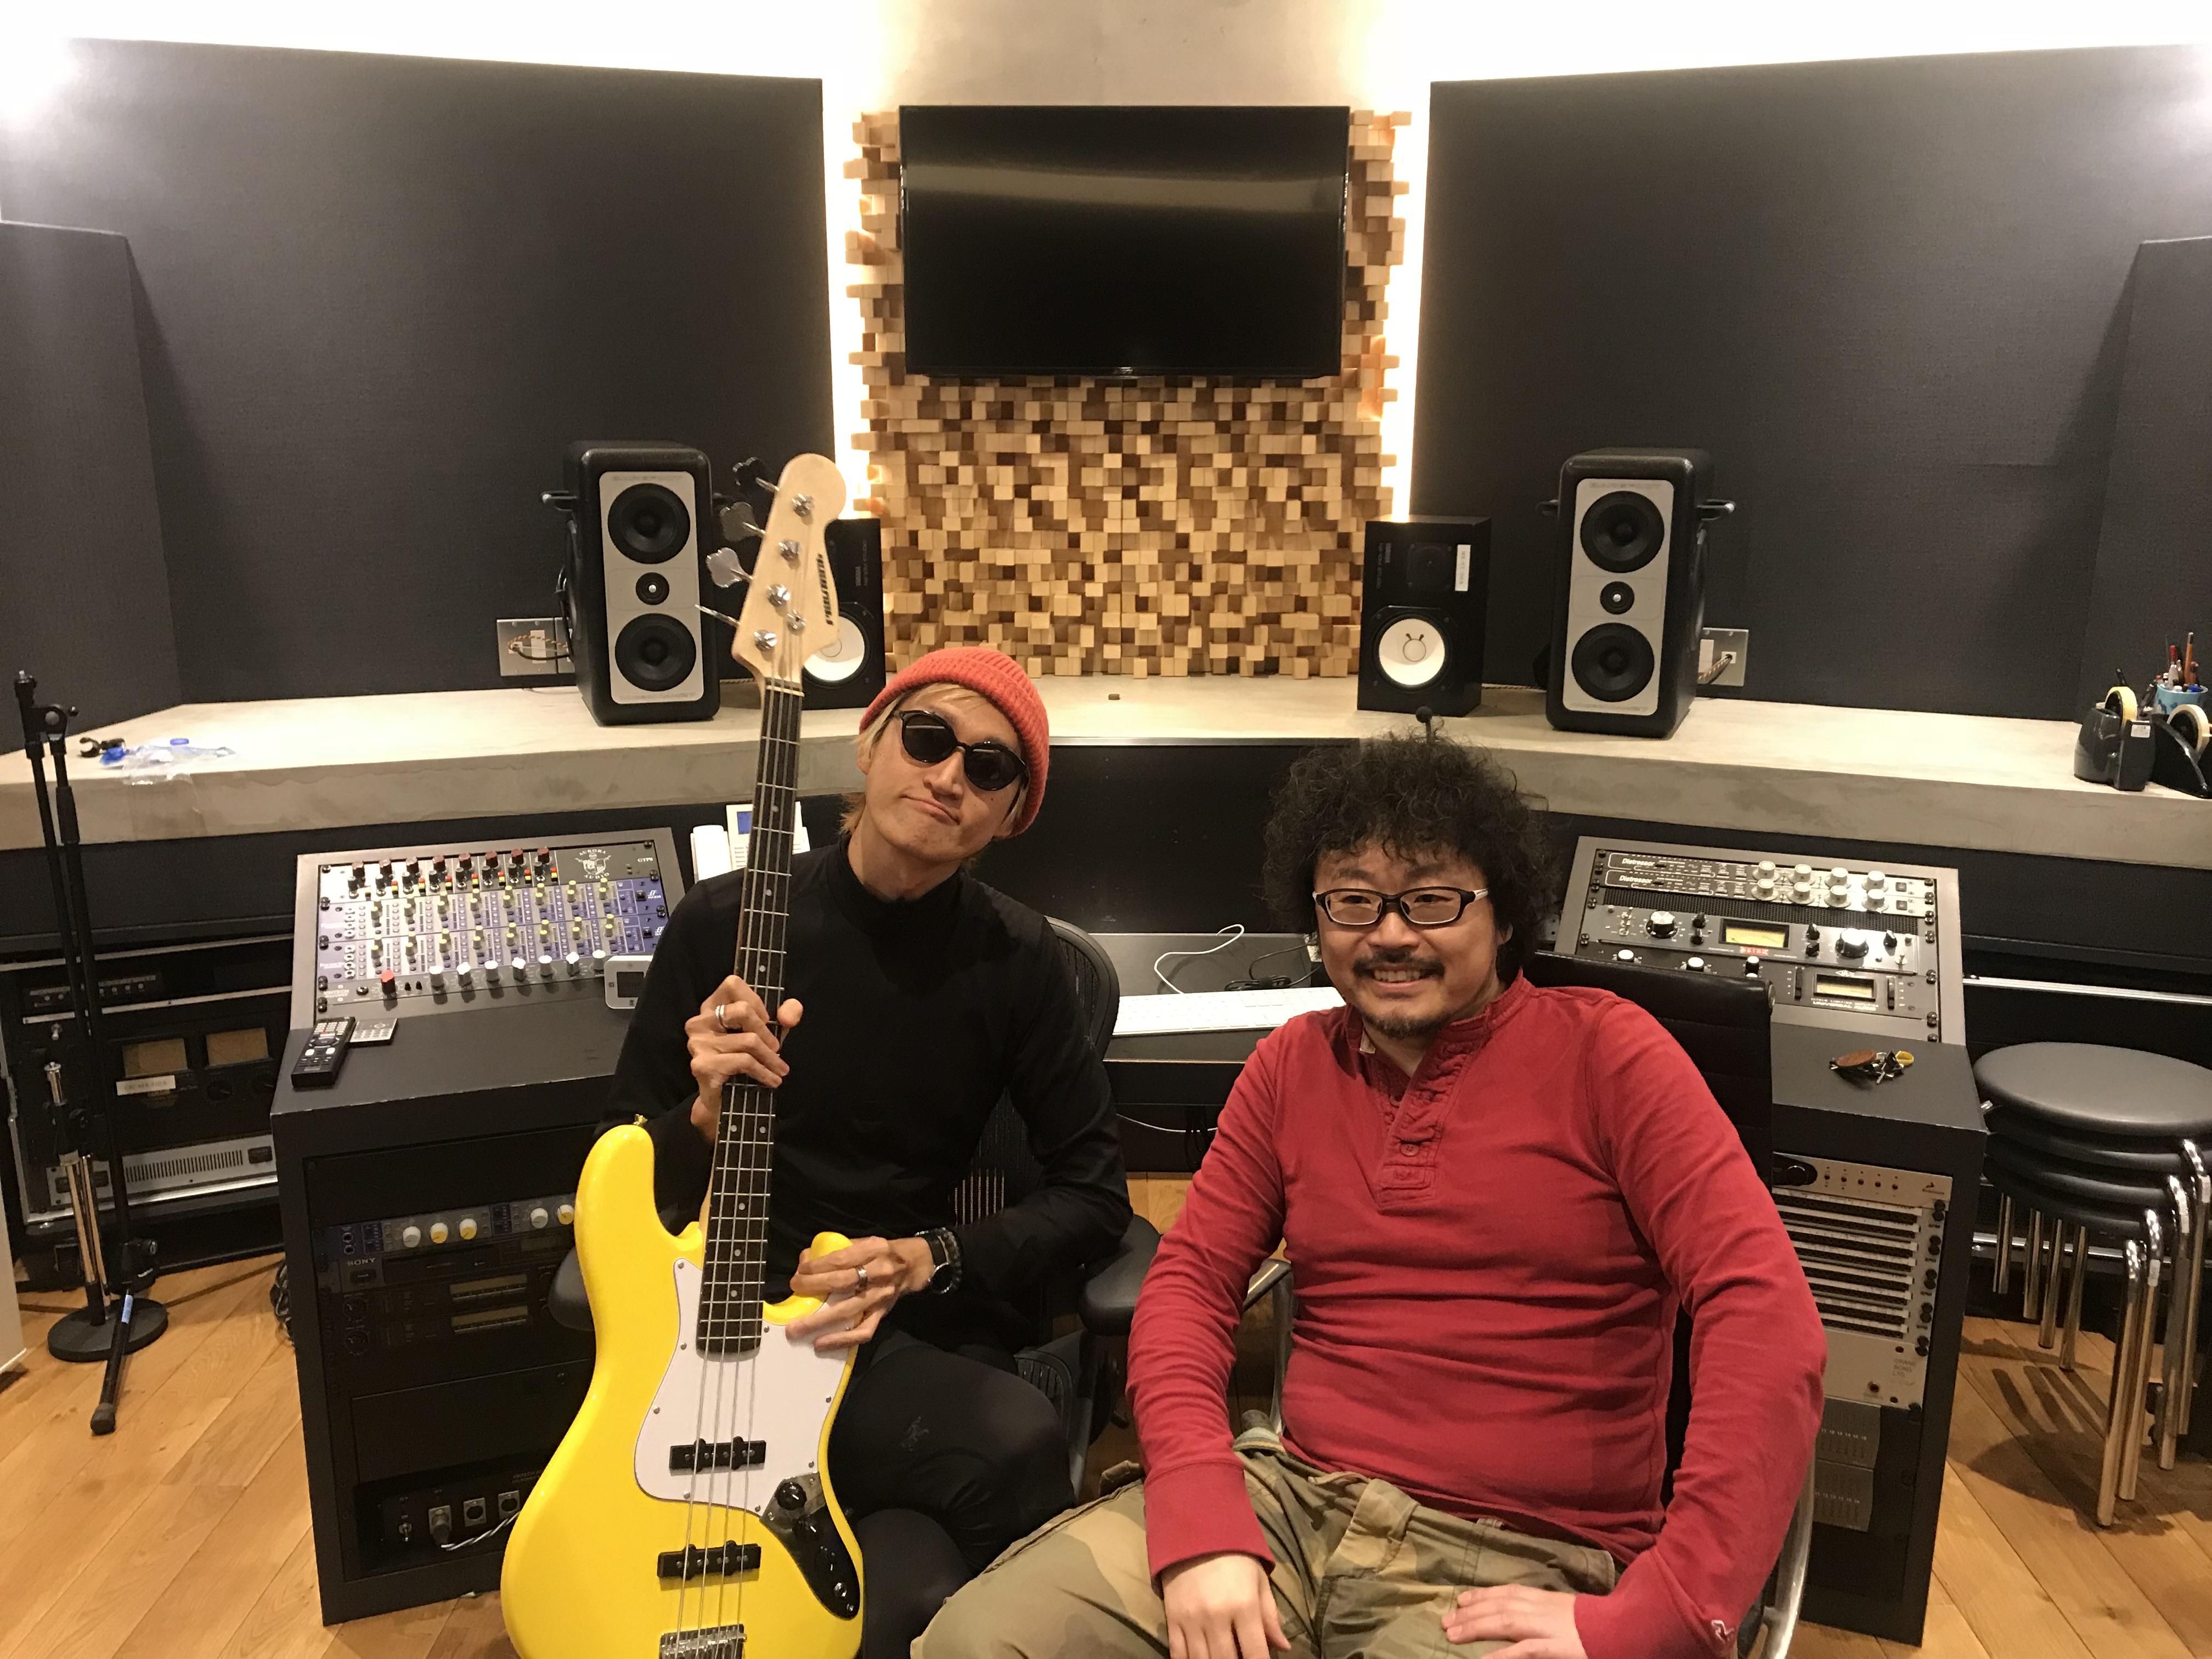 グッドモーニングアメリカのベーシスト・たなしん氏とギターやベースの調整(テック)を担当する「欽さん」こと井上欽央氏。